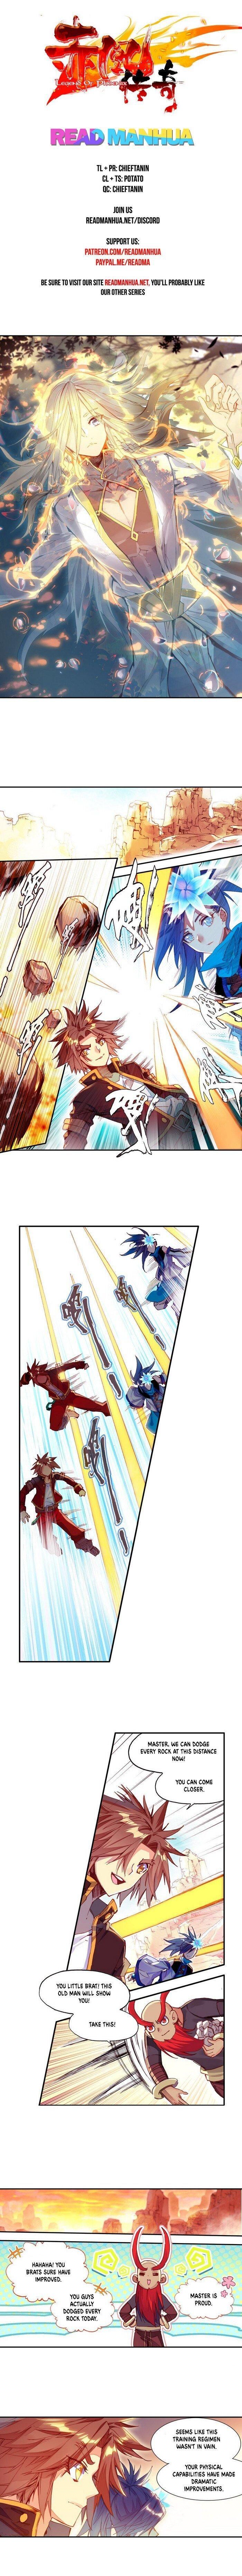 Manga Legend of Phoenix - Chapter 68 Page 1